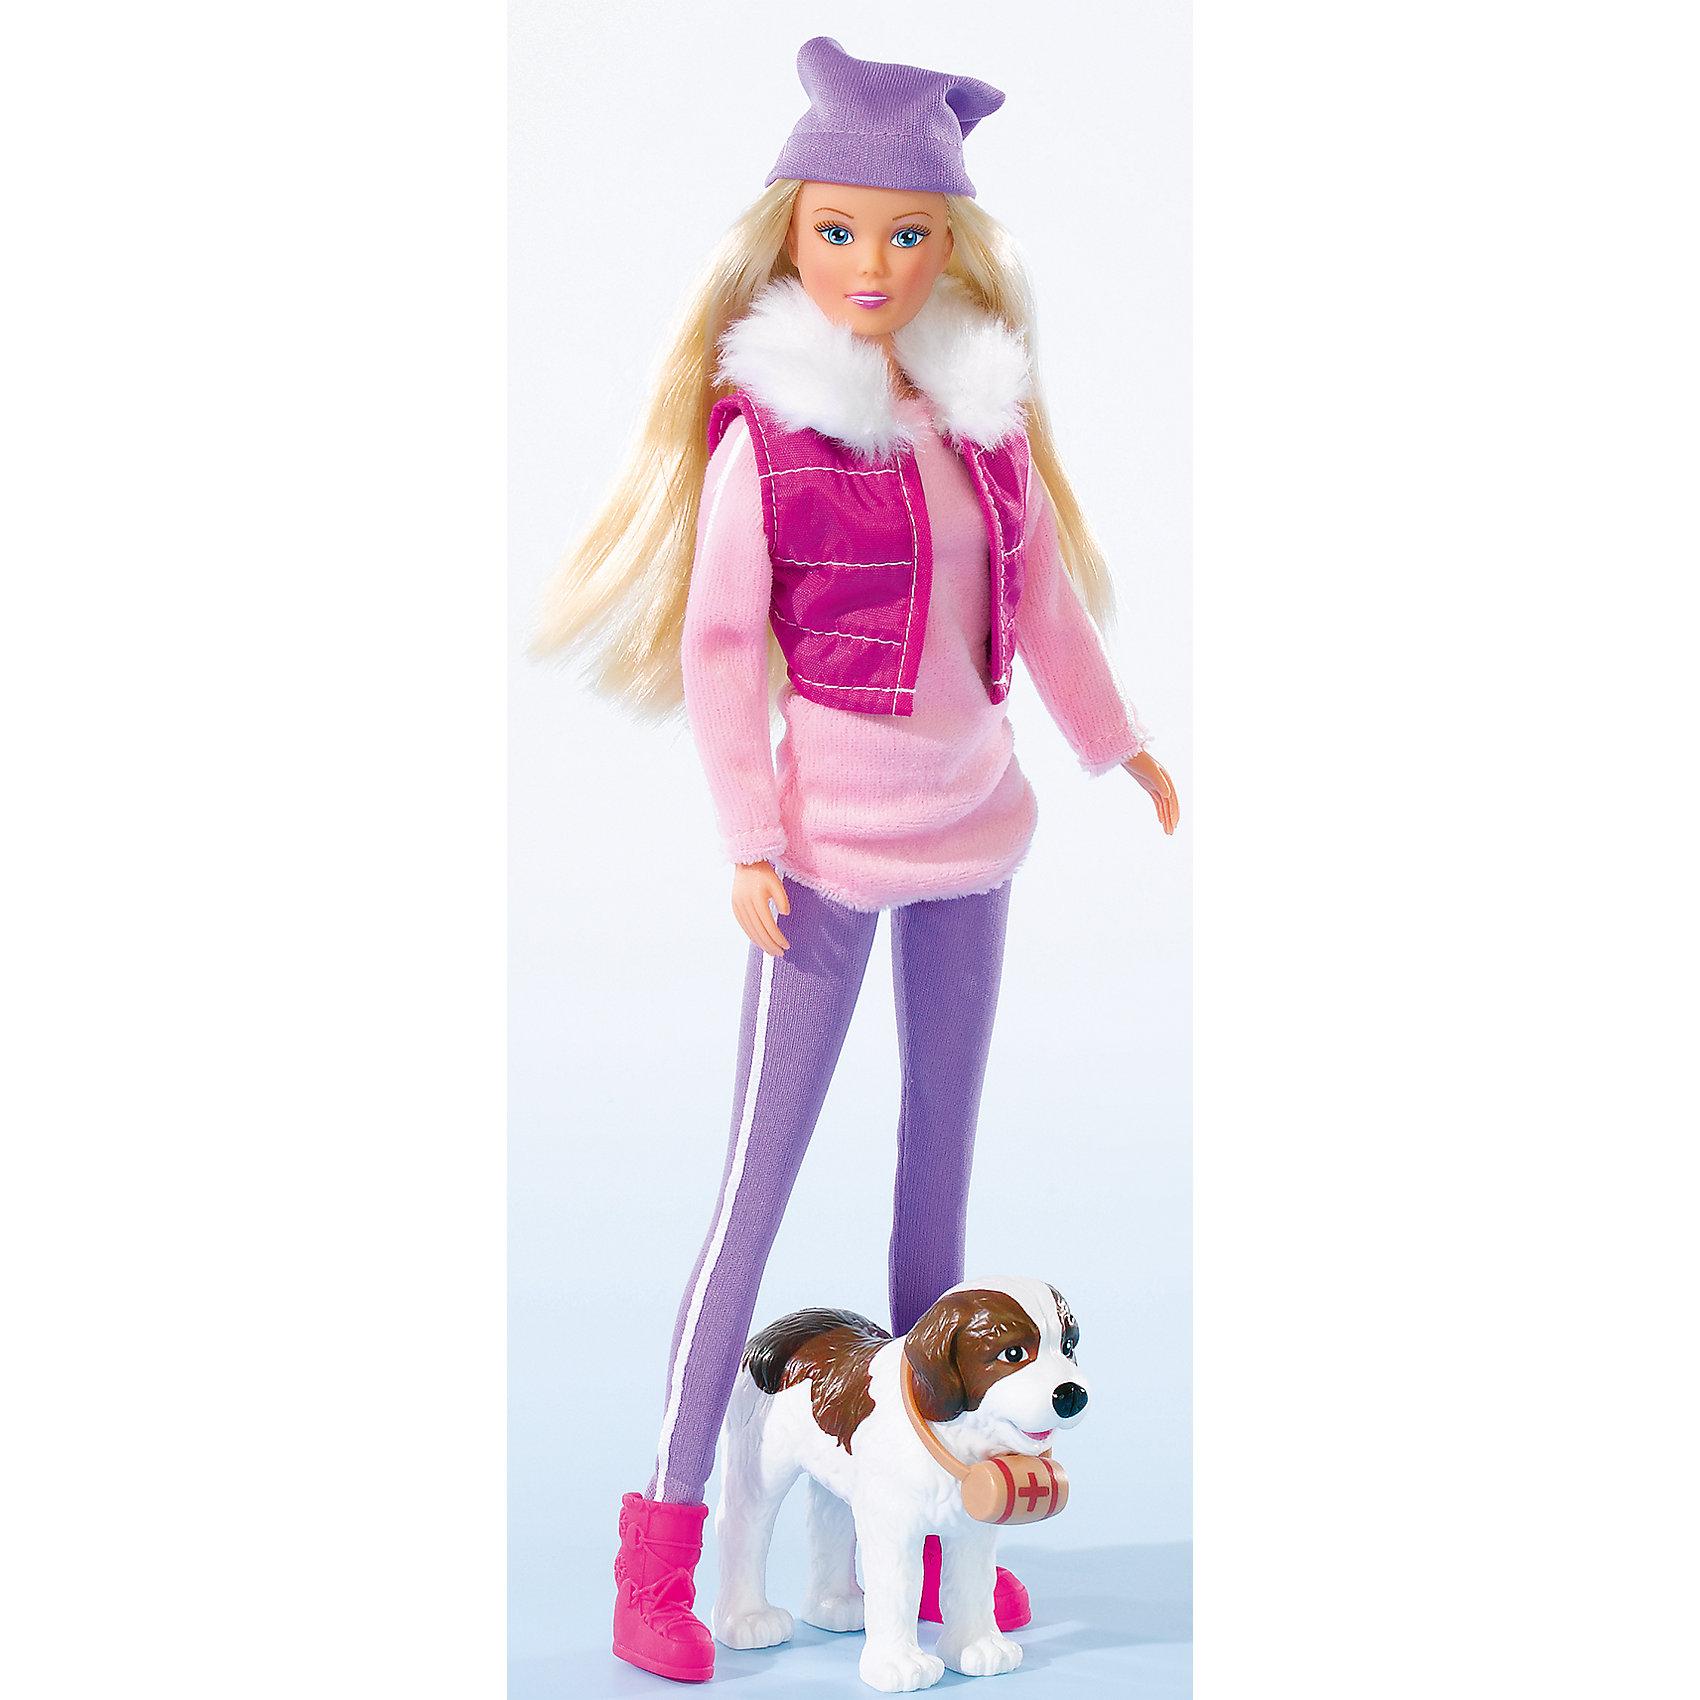 Simba Кукла Штеффи на прогулке с собакой, Simba куклы и одежда для кукол simba кукла штеффи minnie mouse вечеринка